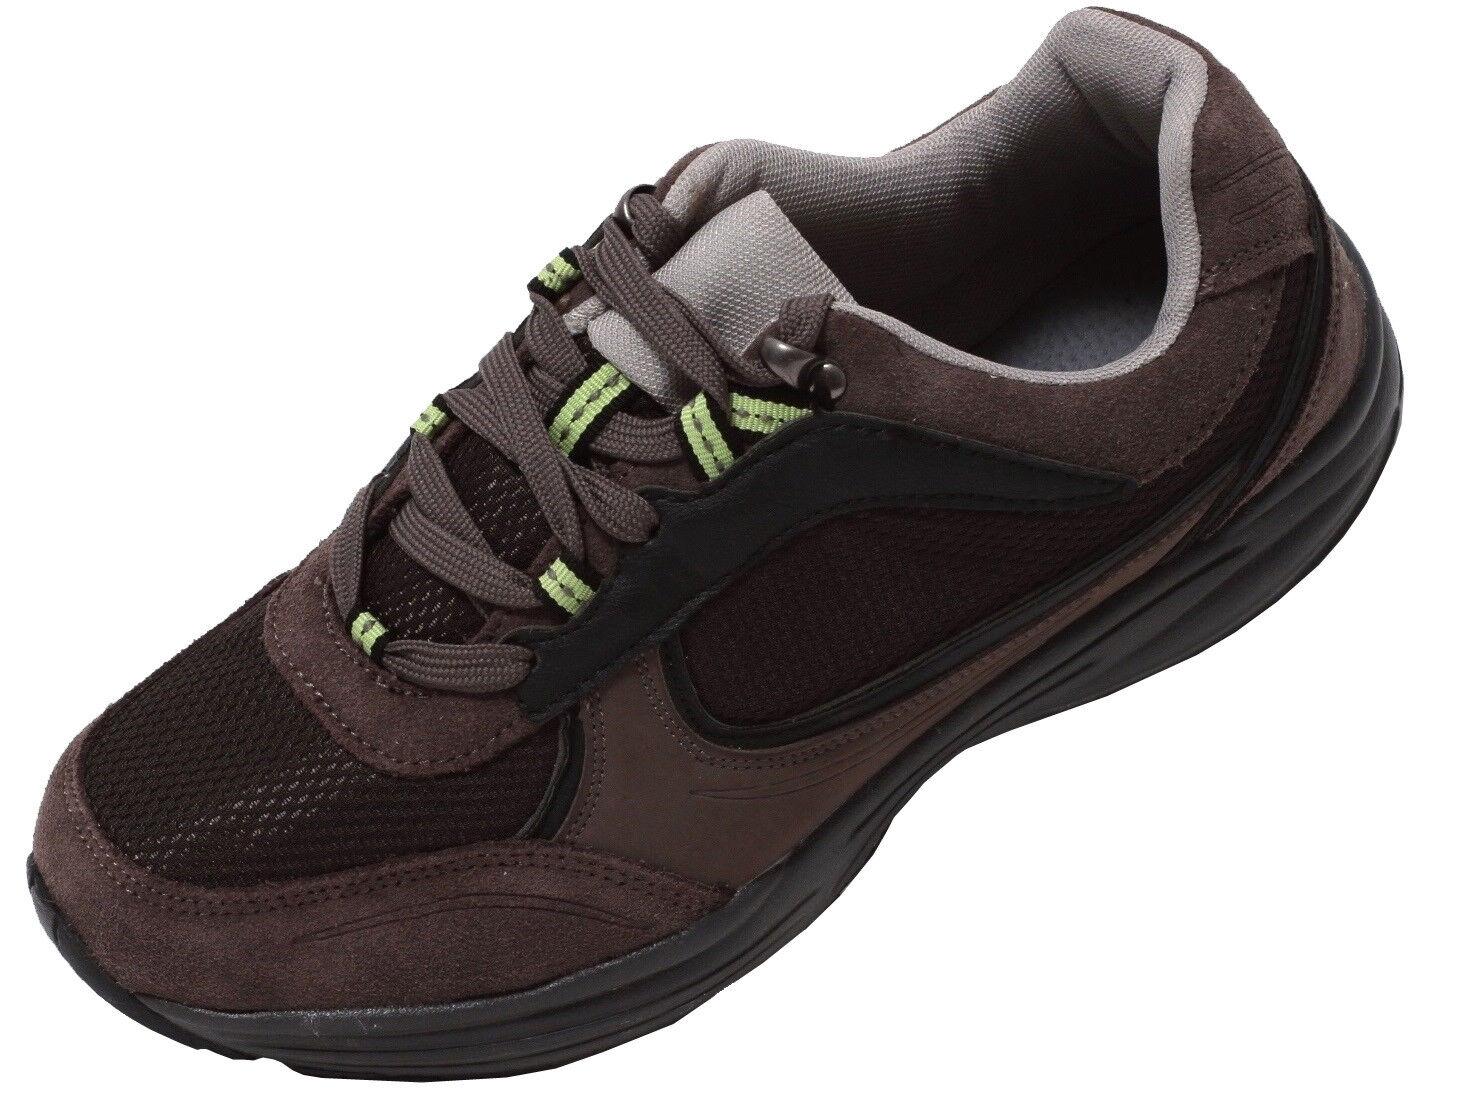 Herren Aktivschuhe Gr.42-44 Fitness Freizeit Schuhe Turnschuhe Sportschuhe braun  | Verschiedene Arten Und Die Styles